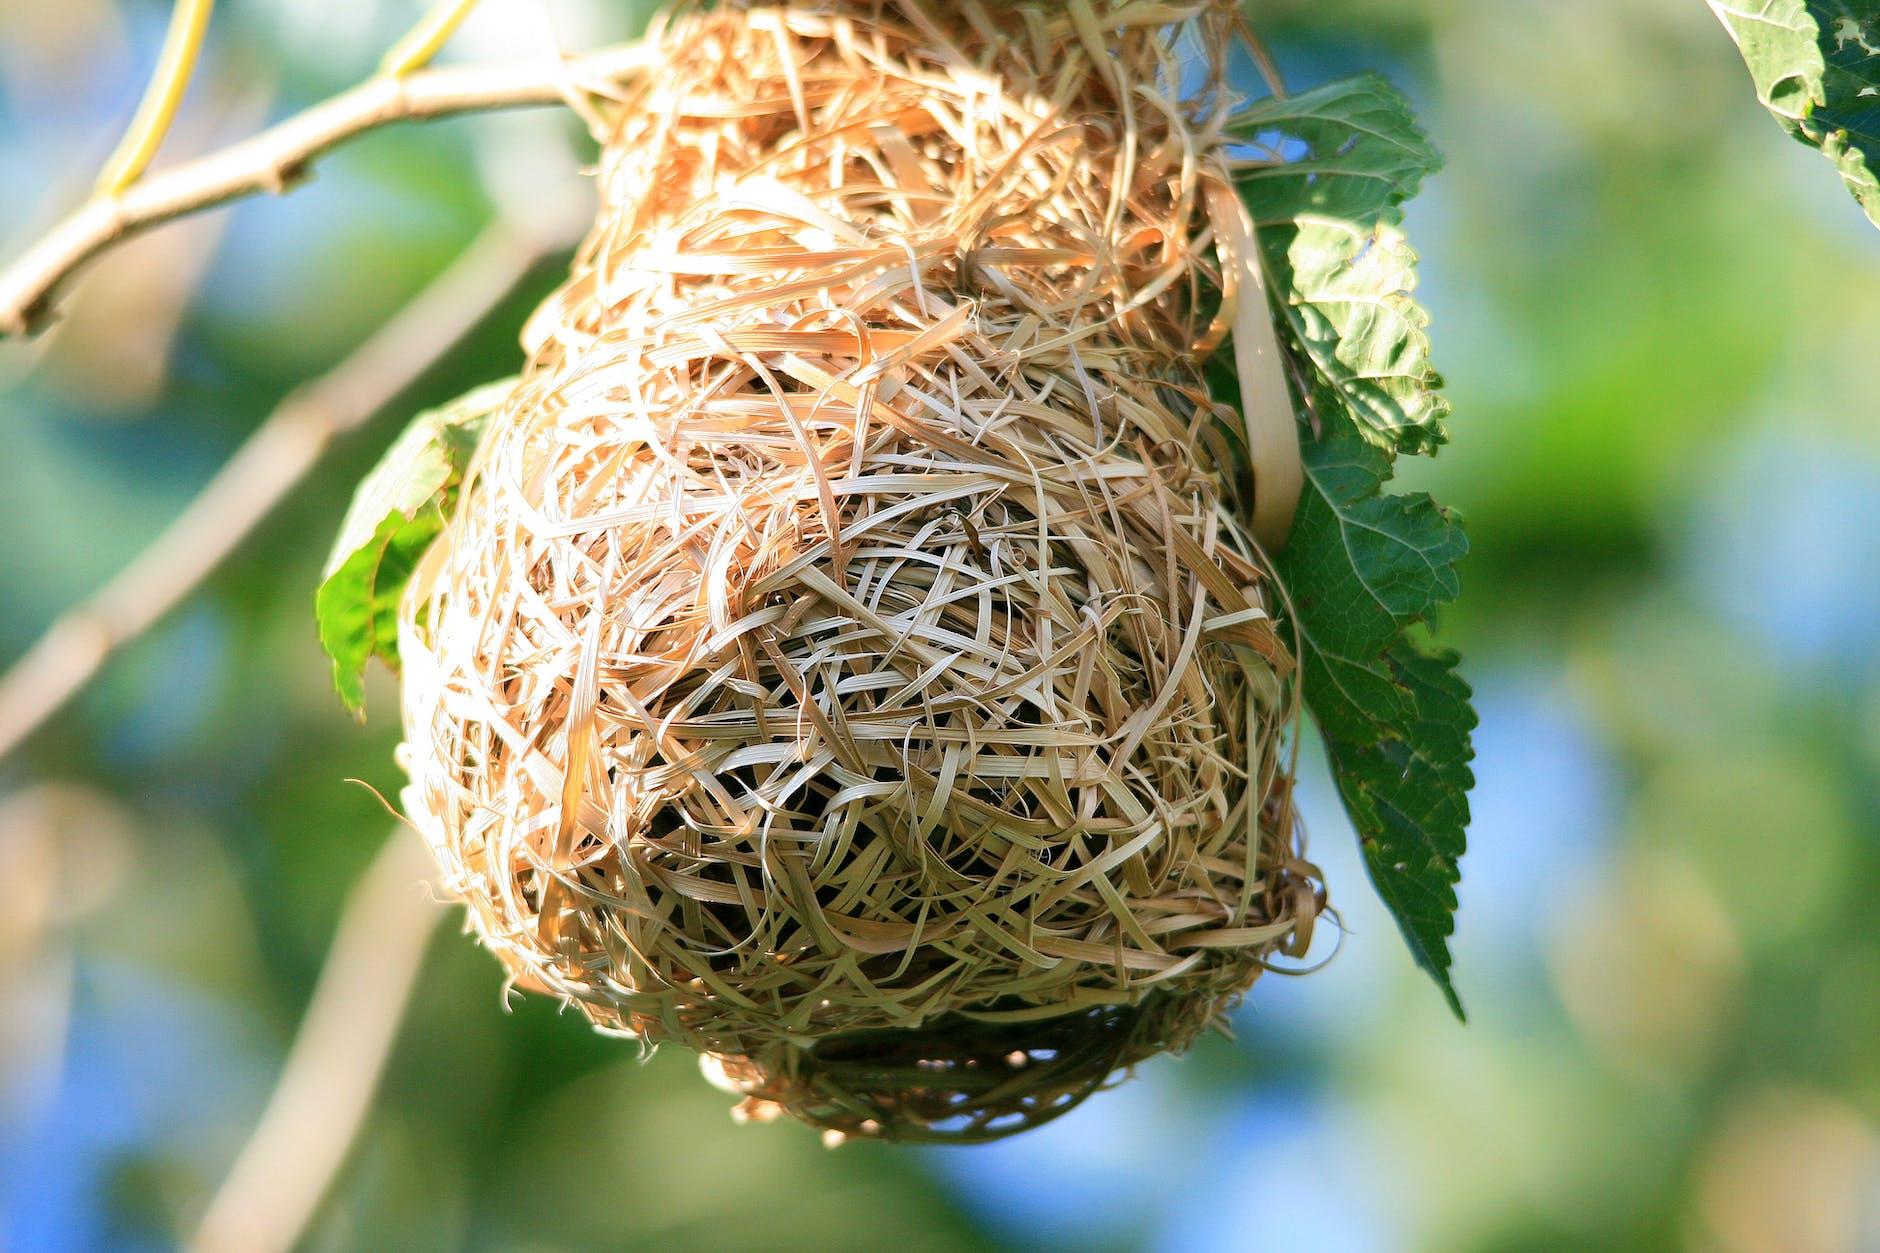 birds nest on a tree branch